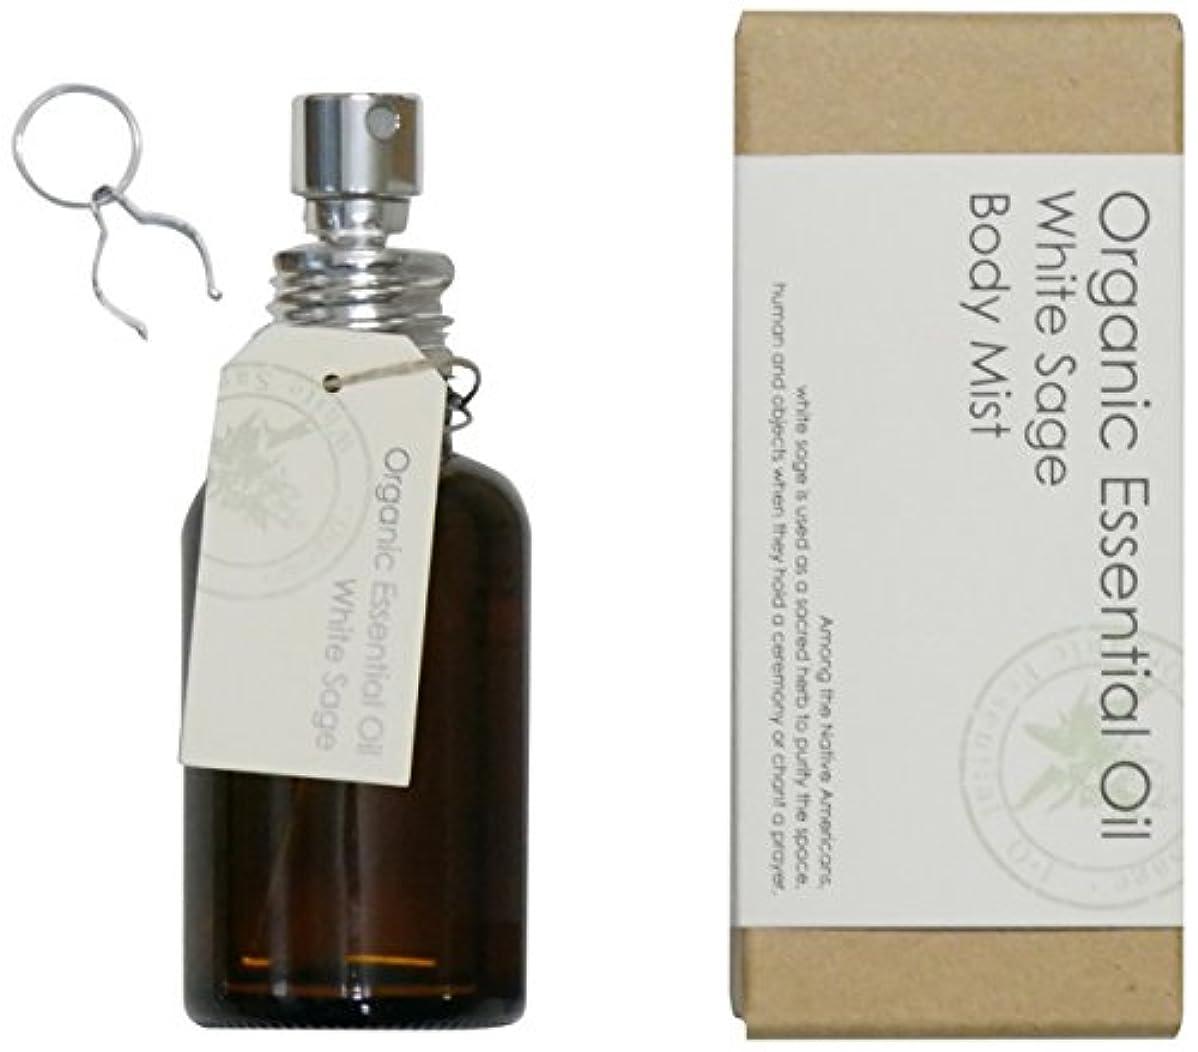 卵精通したに関してアロマレコルト ボディミスト ホワイトセージ 【White Sage】オーガニック エッセンシャルオイル organic essential oil natural body mist arome recolte